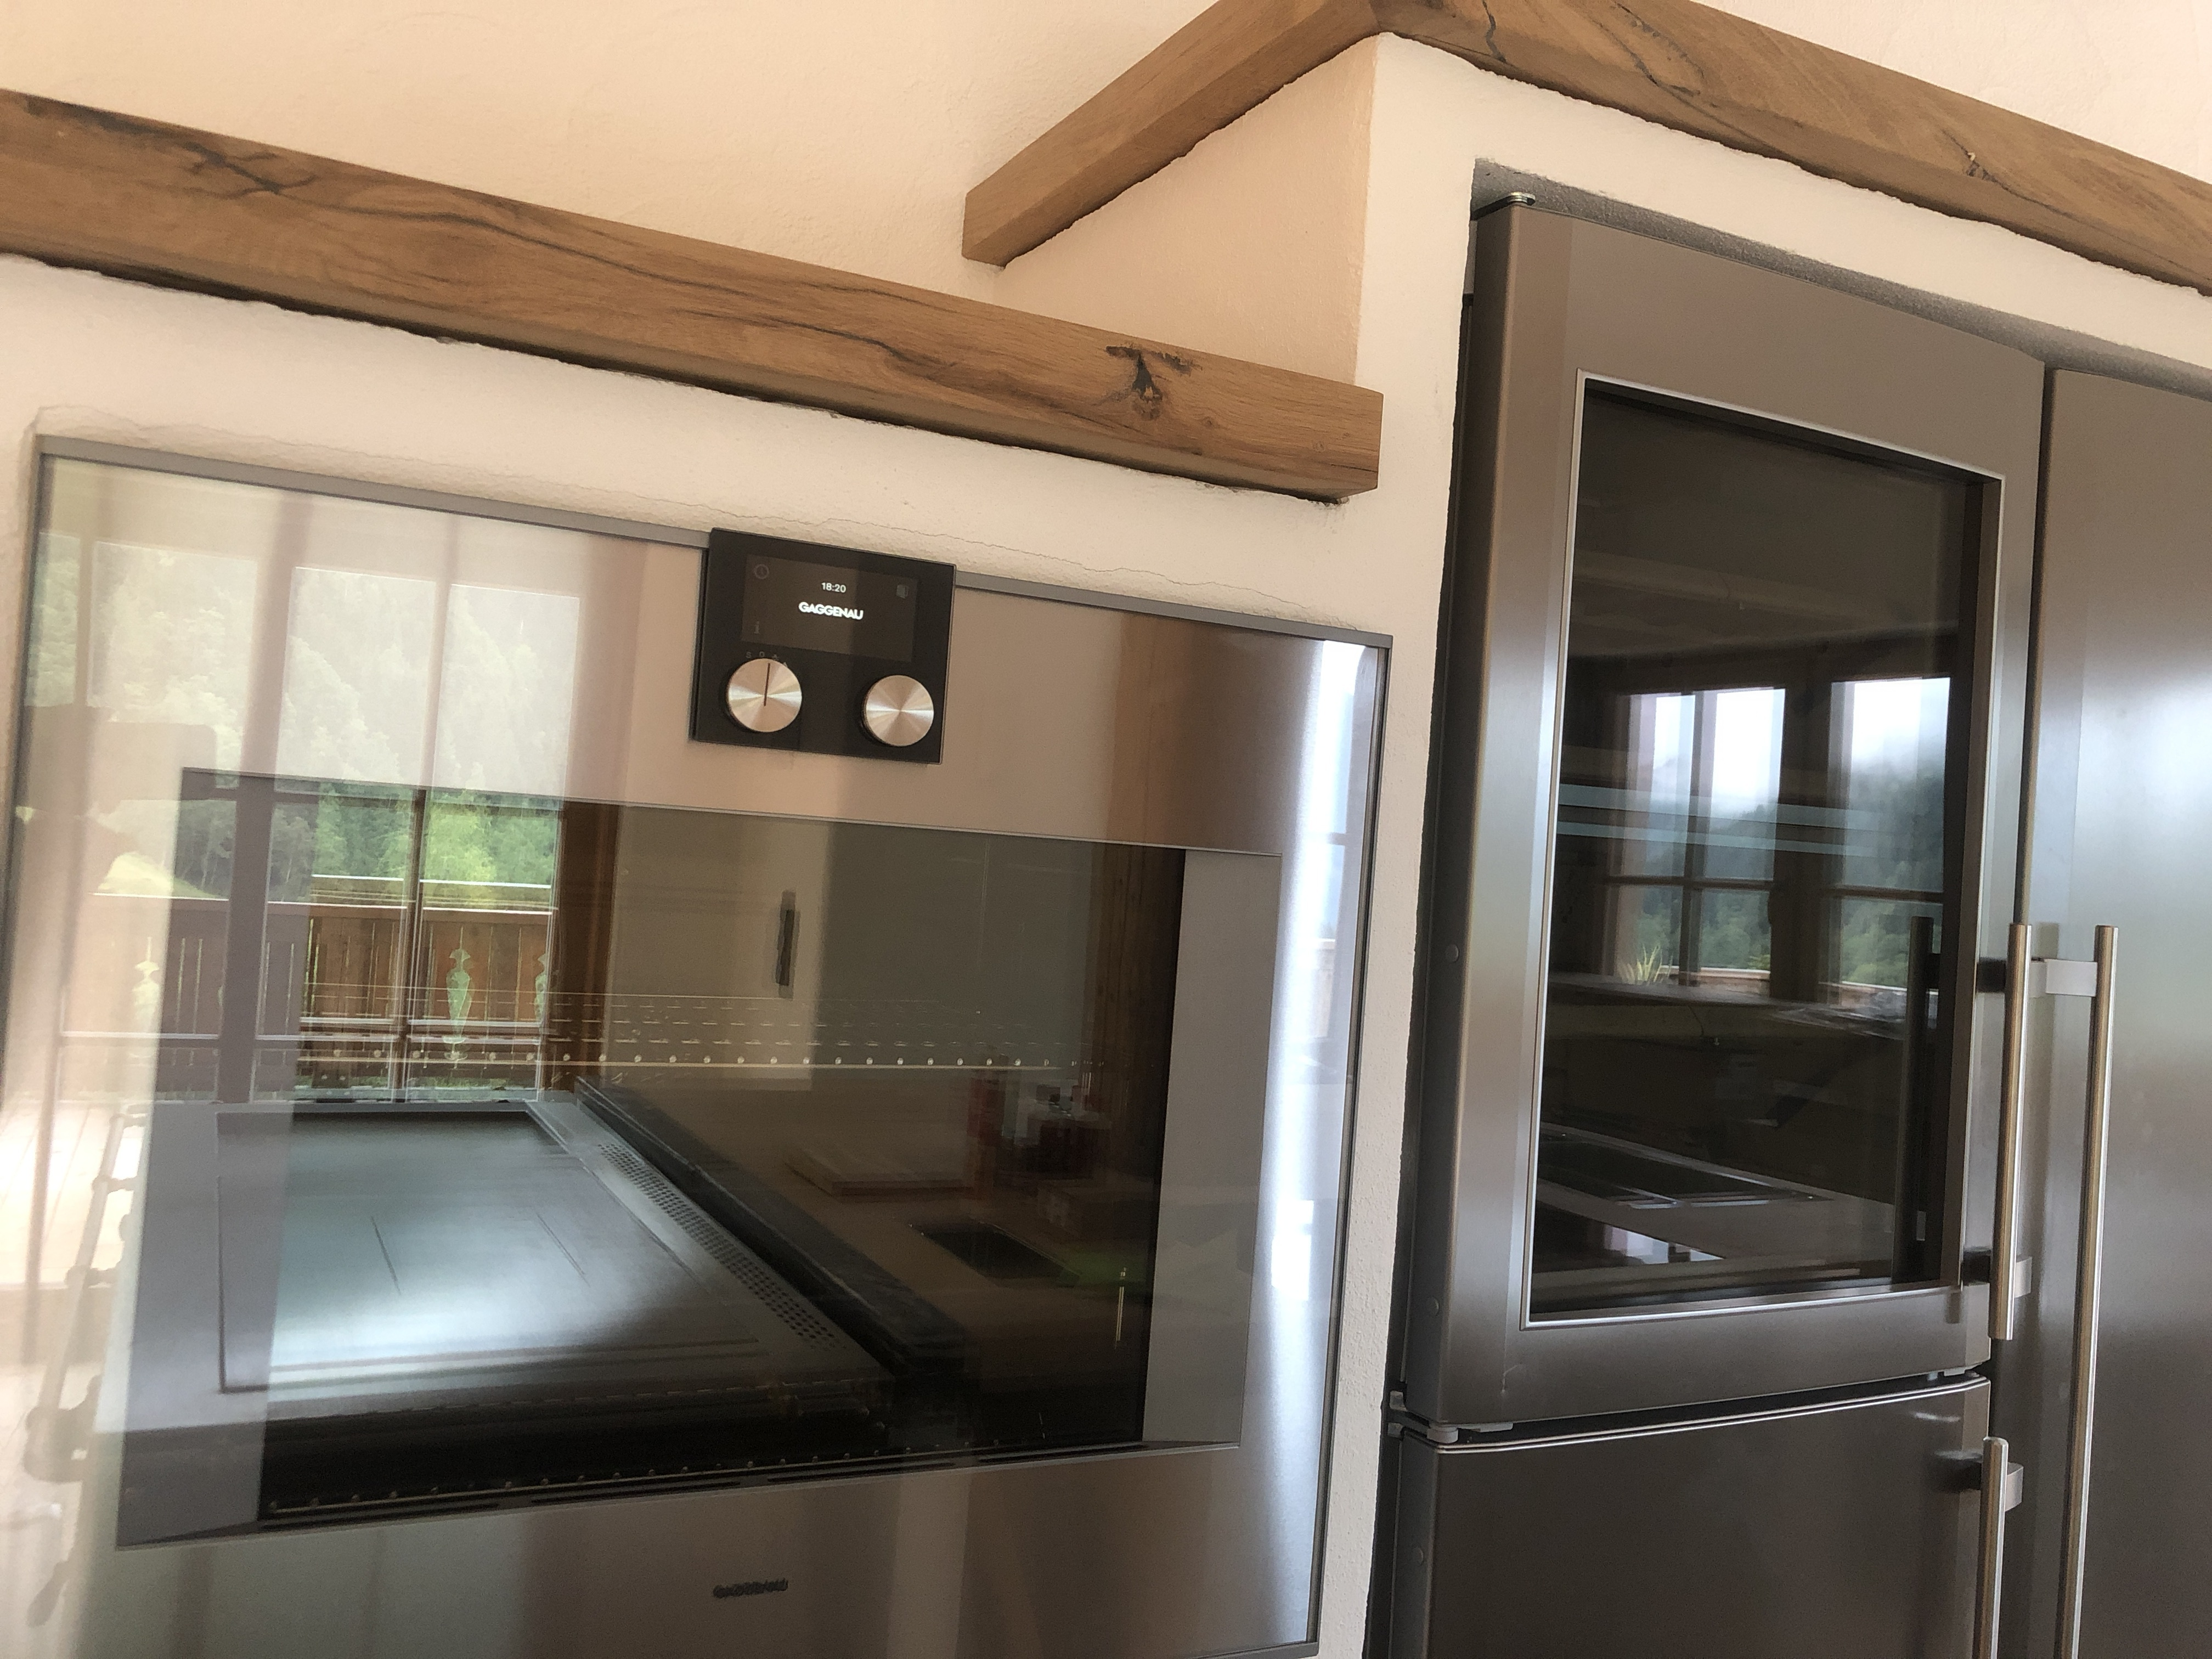 Amerikanischer Kühlschrank Liebherr : Küche mit side by side kühlschrank